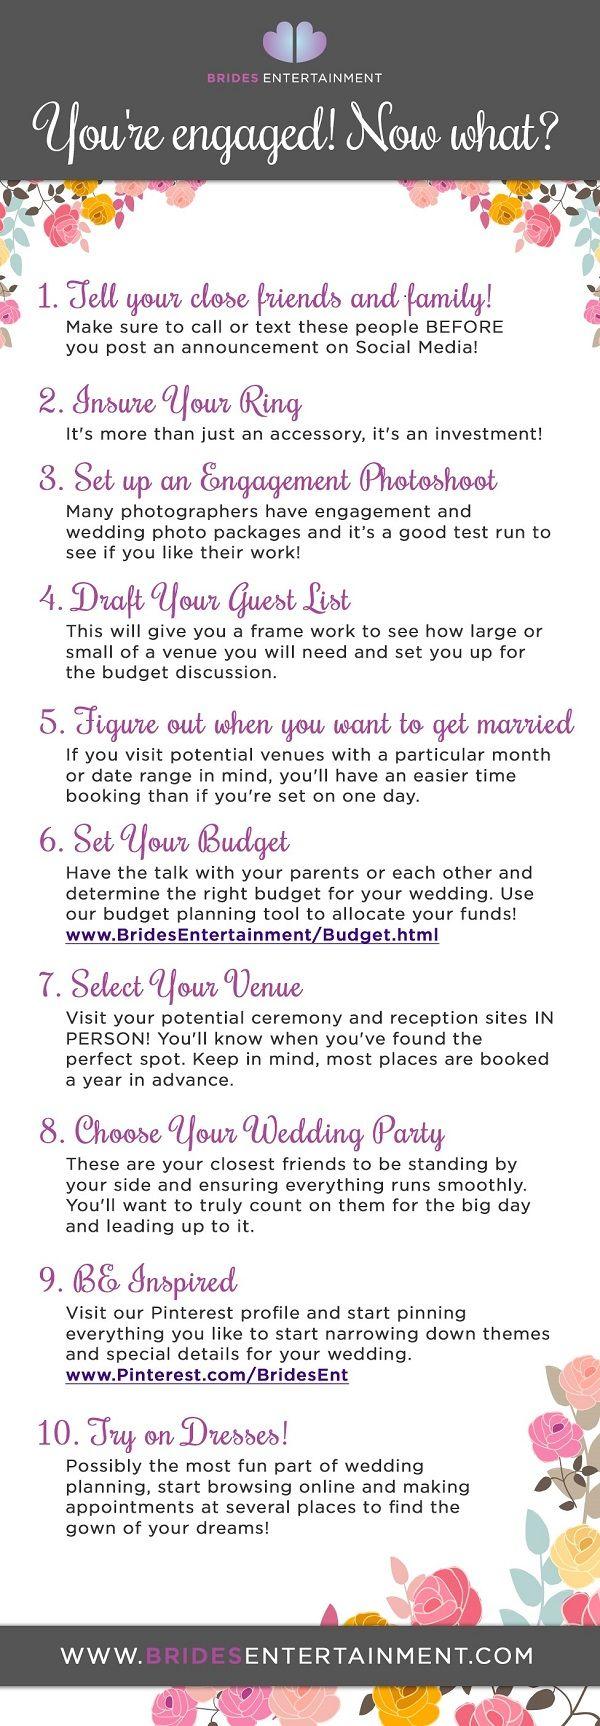 Brides Entertainment | Read